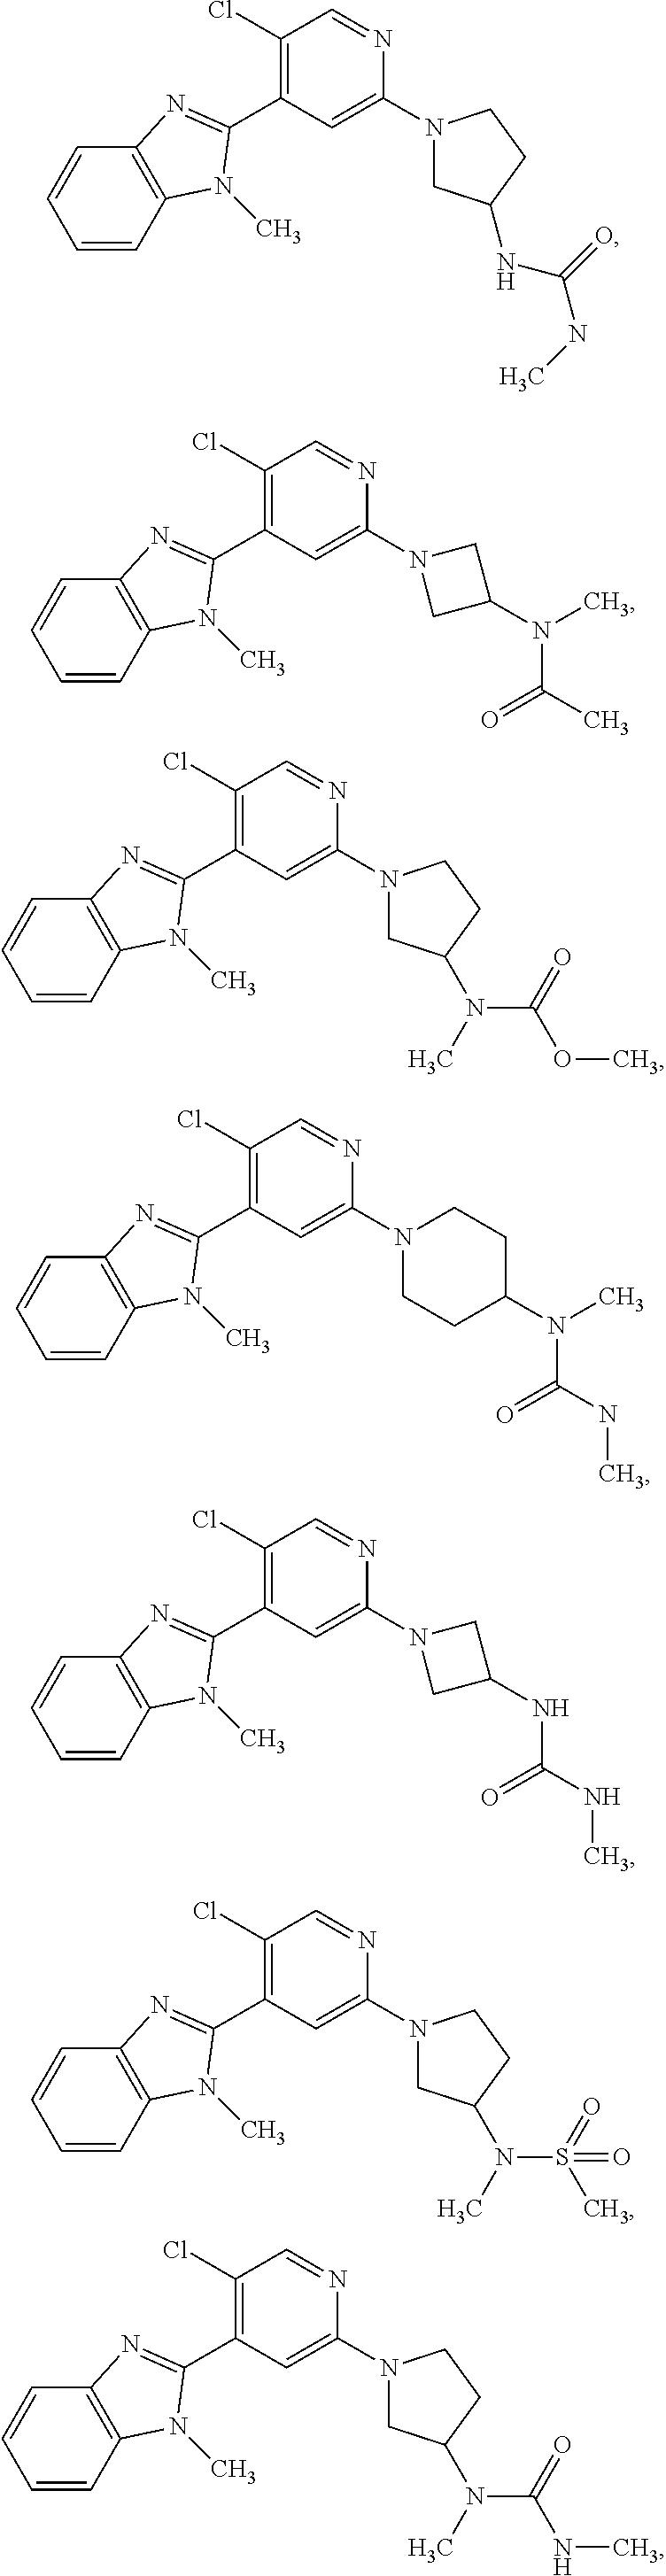 Figure US20120157471A1-20120621-C00026